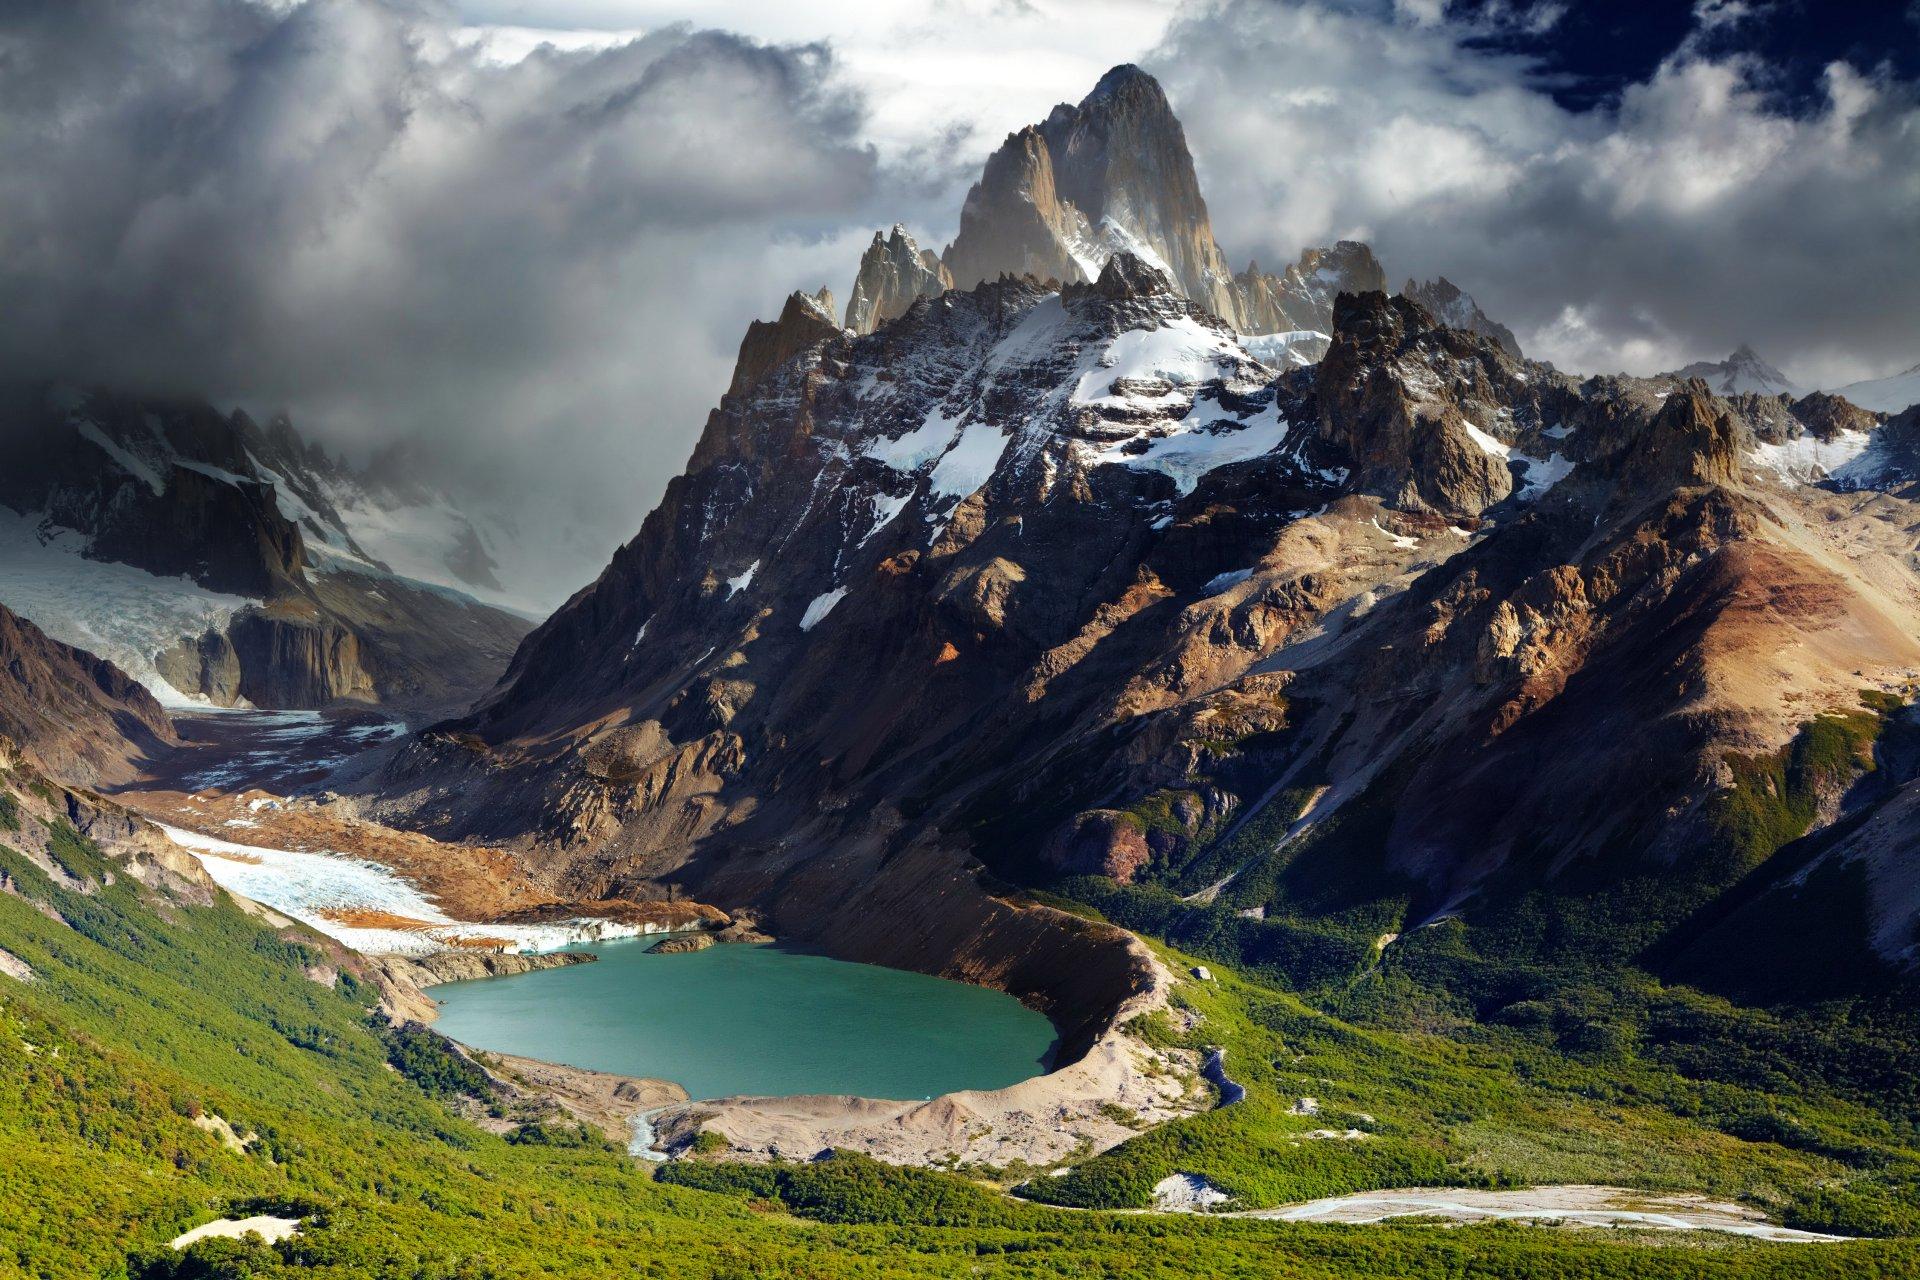 Красивые виды пейзажей картинки, красивые